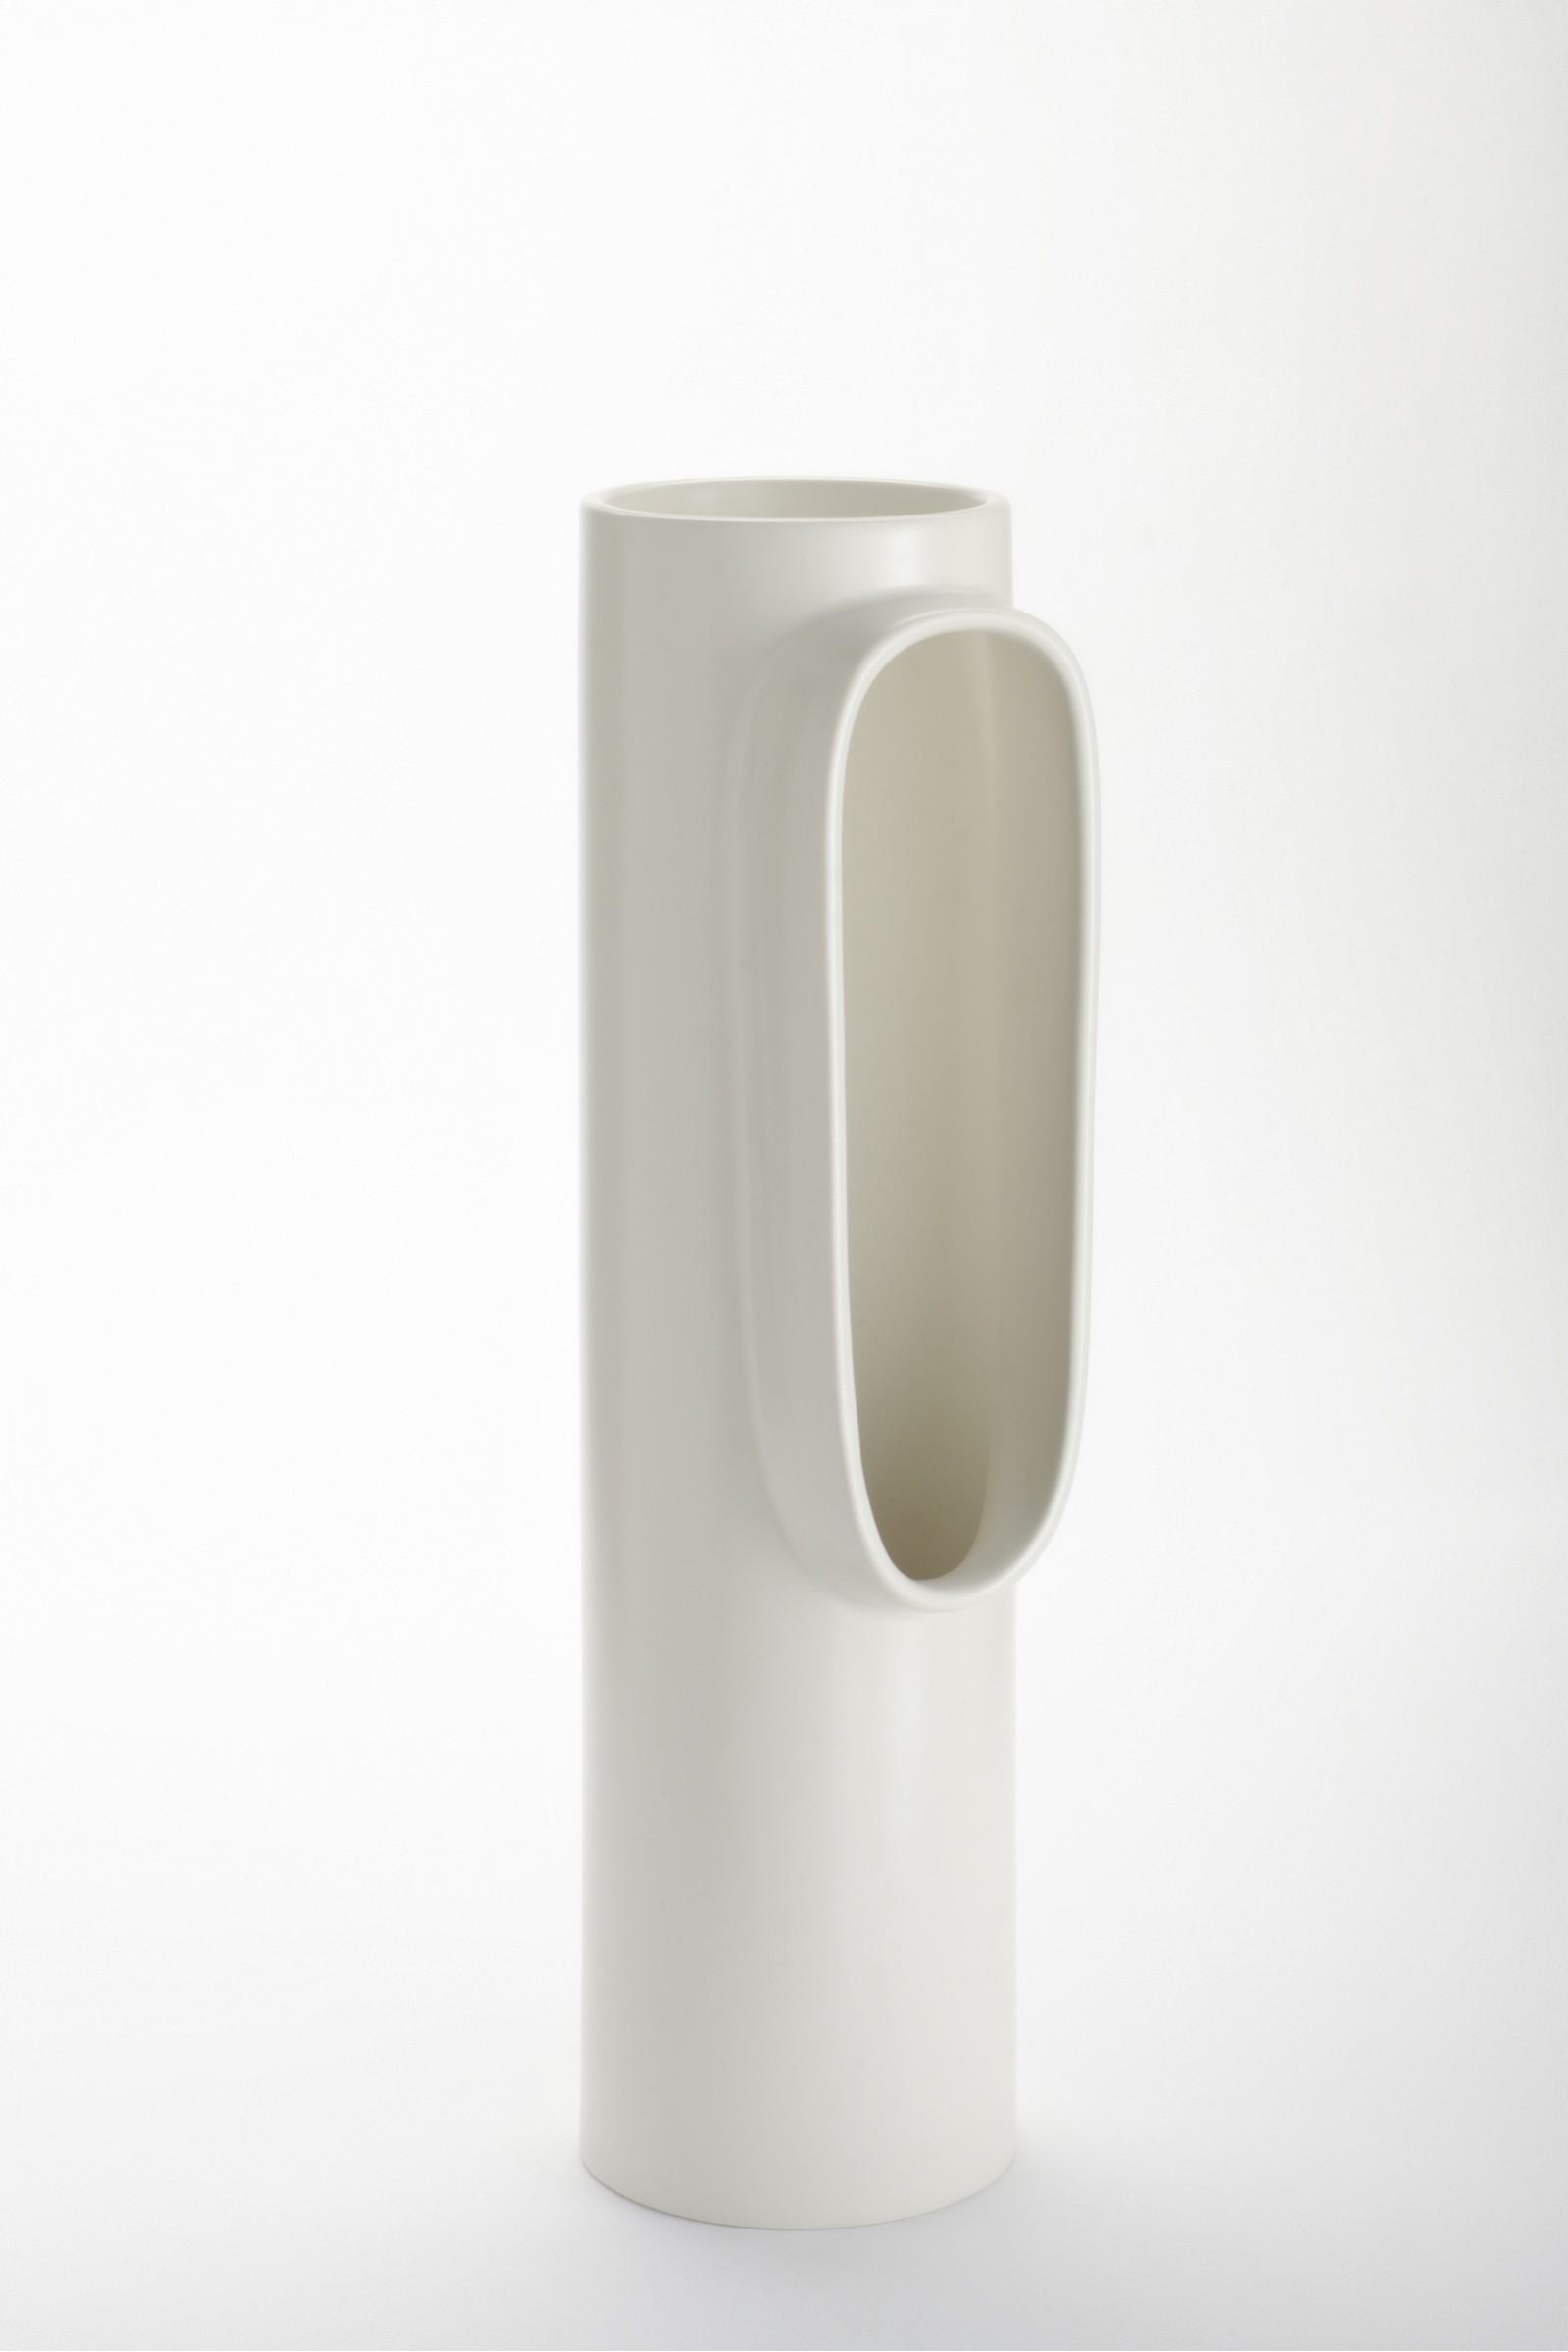 vase-design-kodama-comingb-44cm